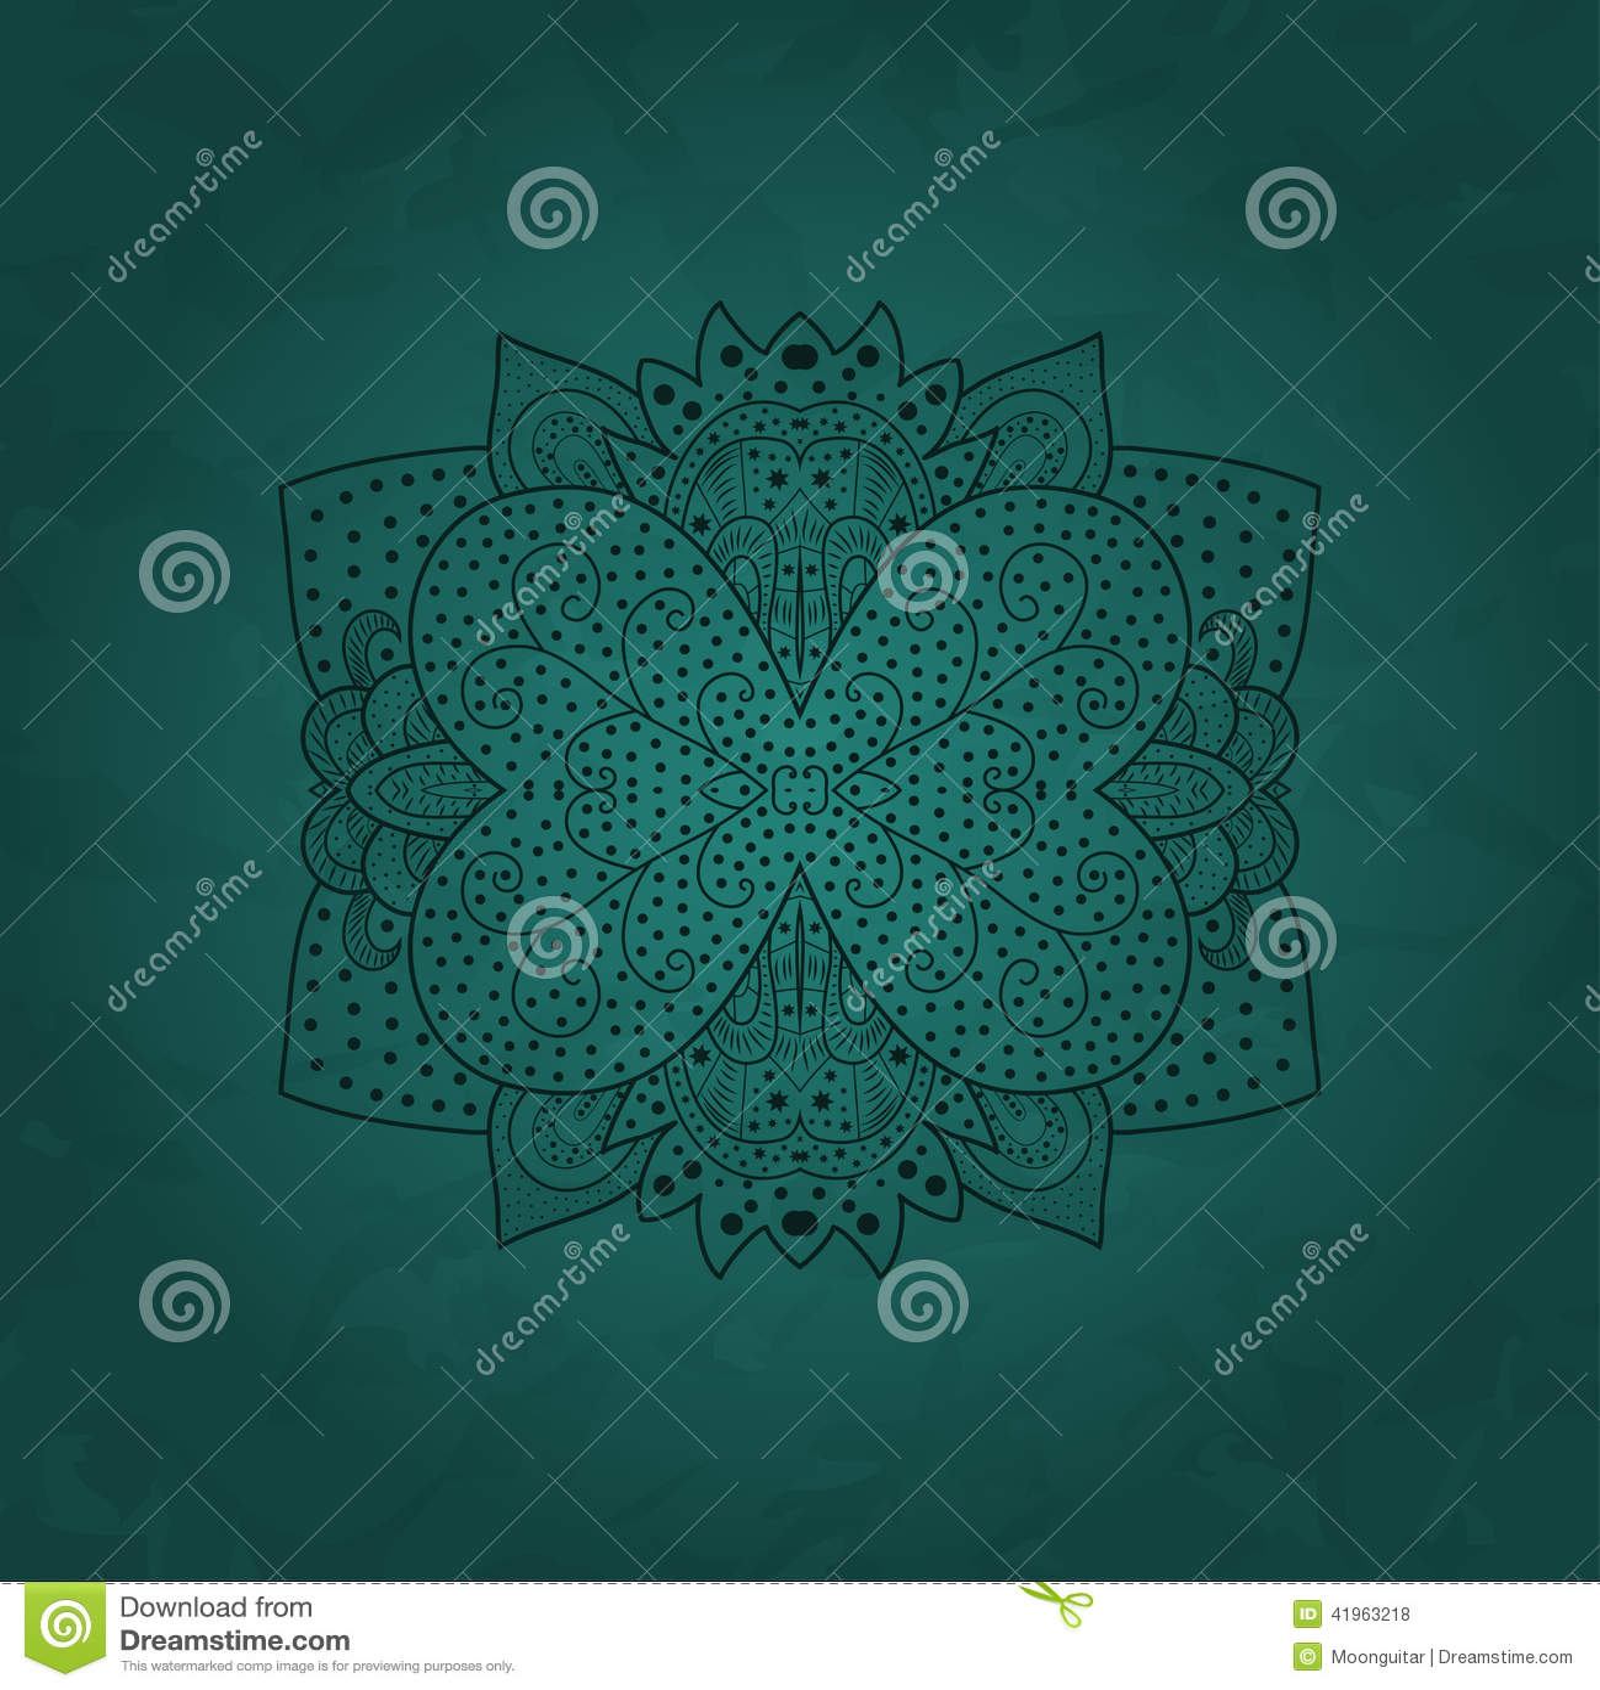 Teste padrão redondo decorativo do laço, fundo do círculo com muitos detalhes